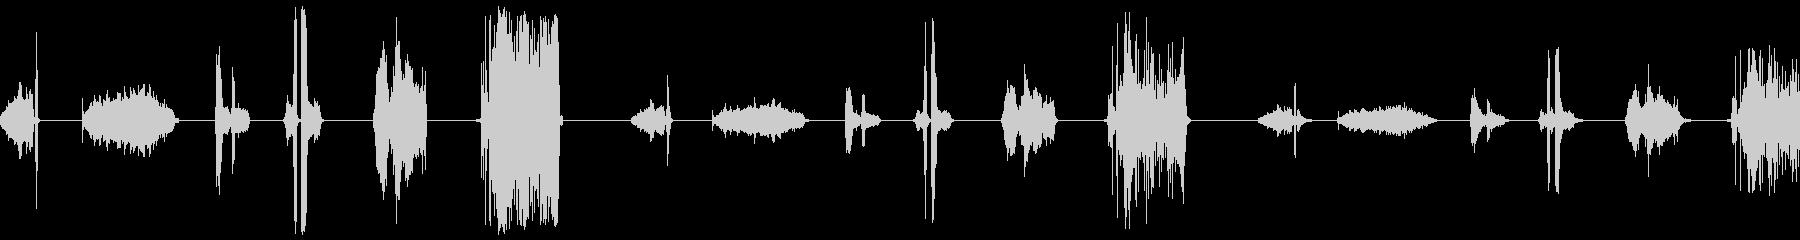 ローププル、5バージョンX 3ルー...の未再生の波形